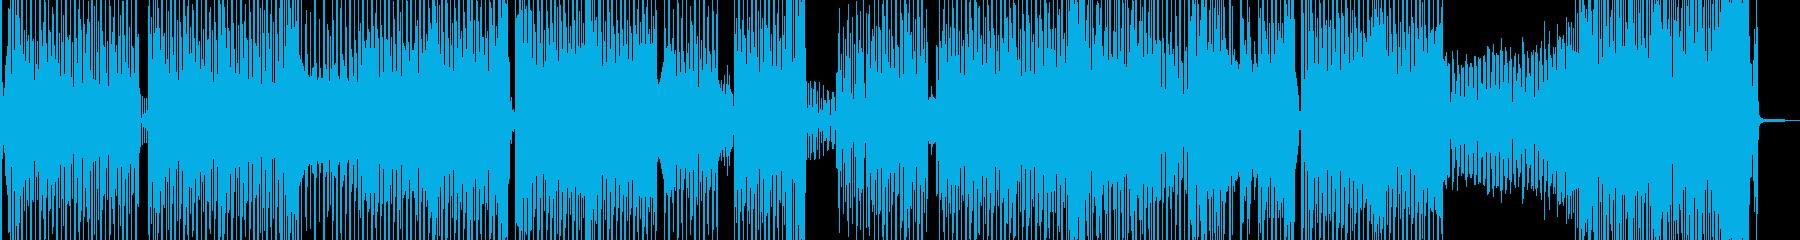 メタボ解消!コミカルなテクノ 並足★の再生済みの波形